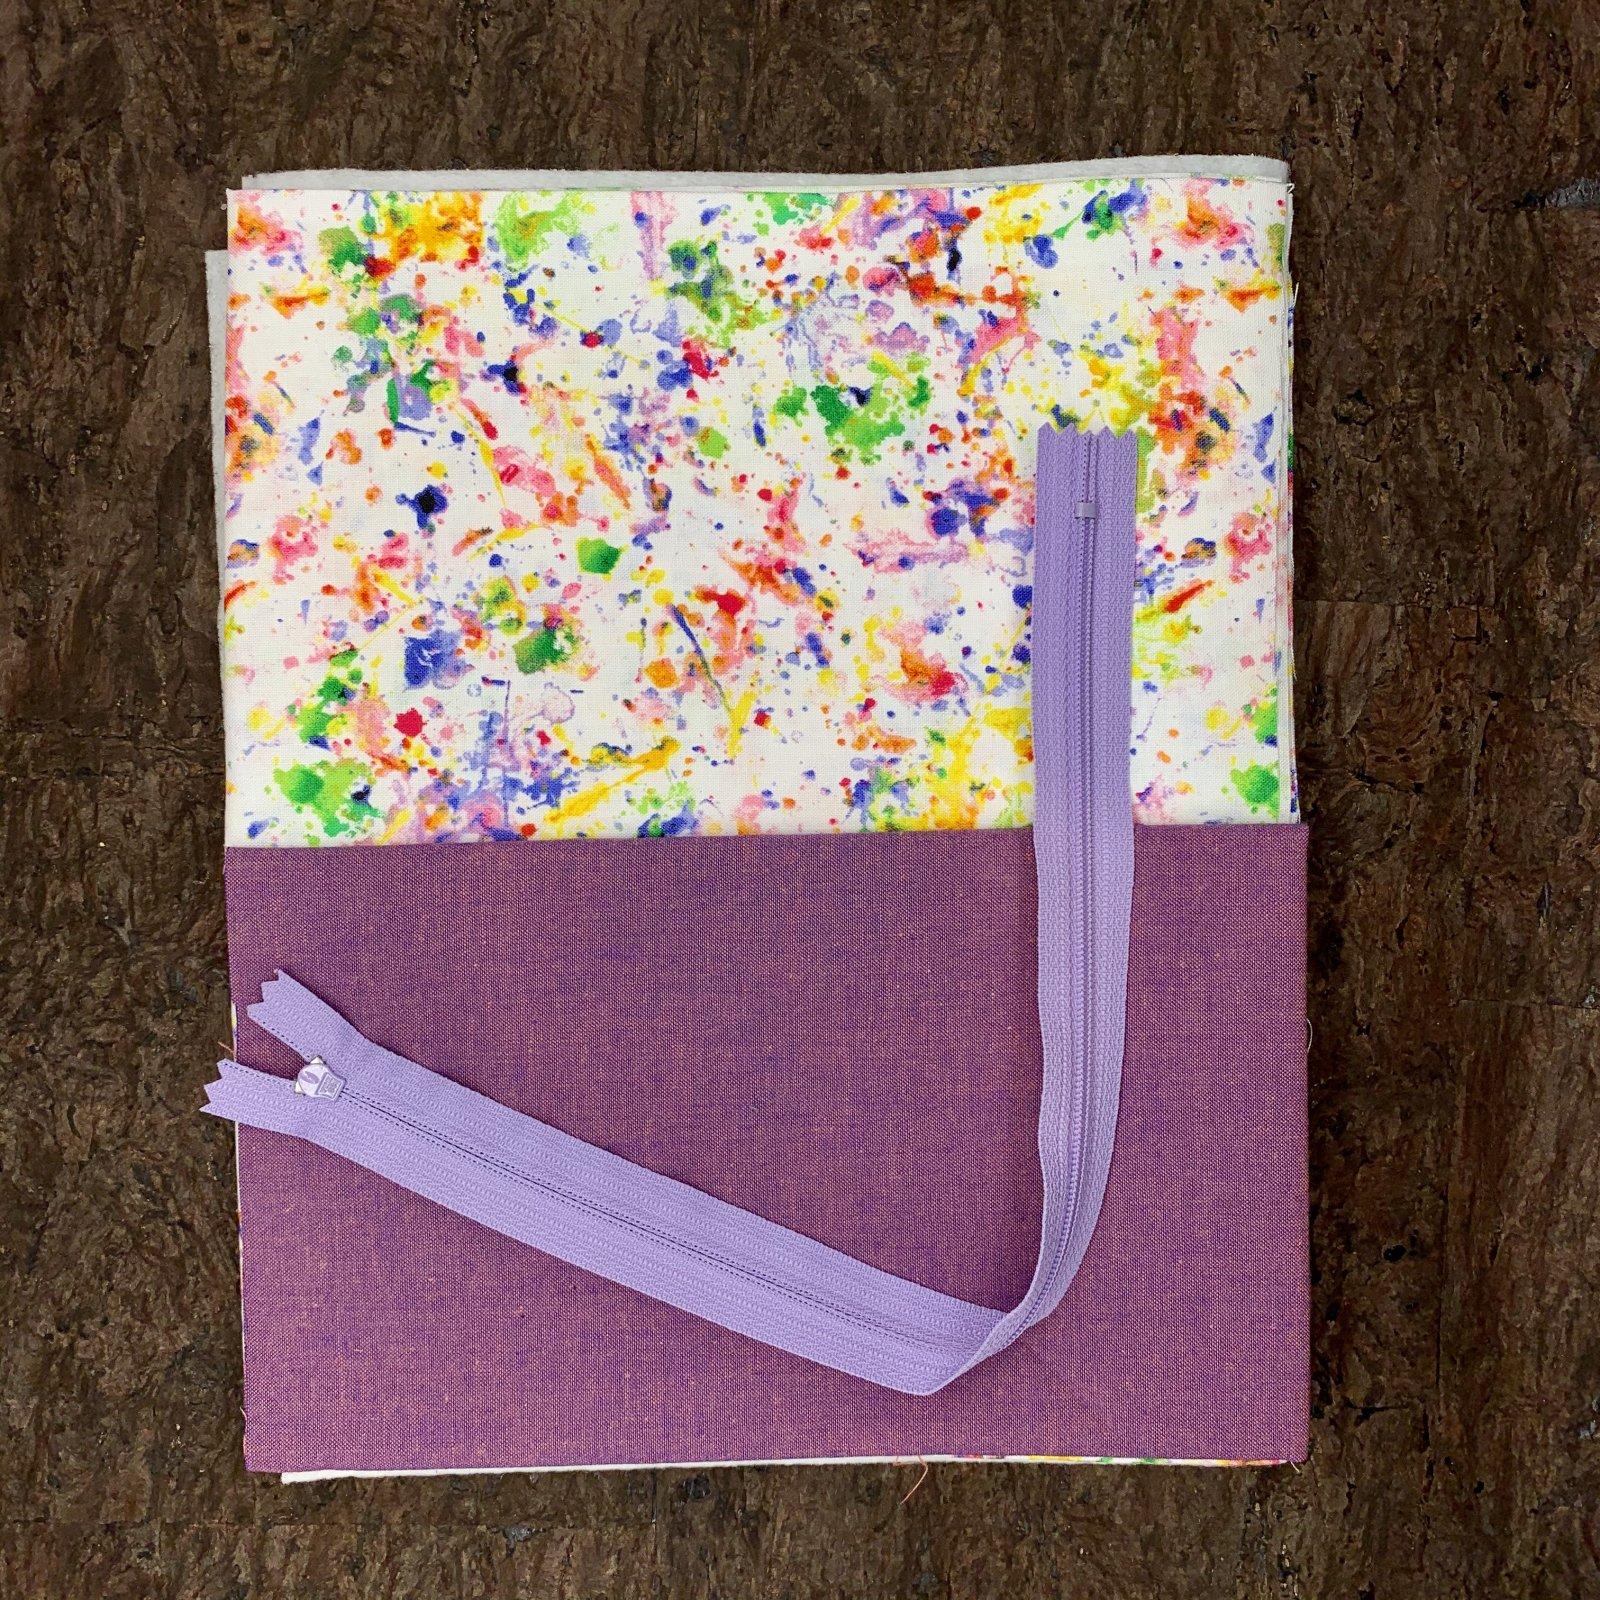 Stitch Box Bag Kit - Purple Splatter